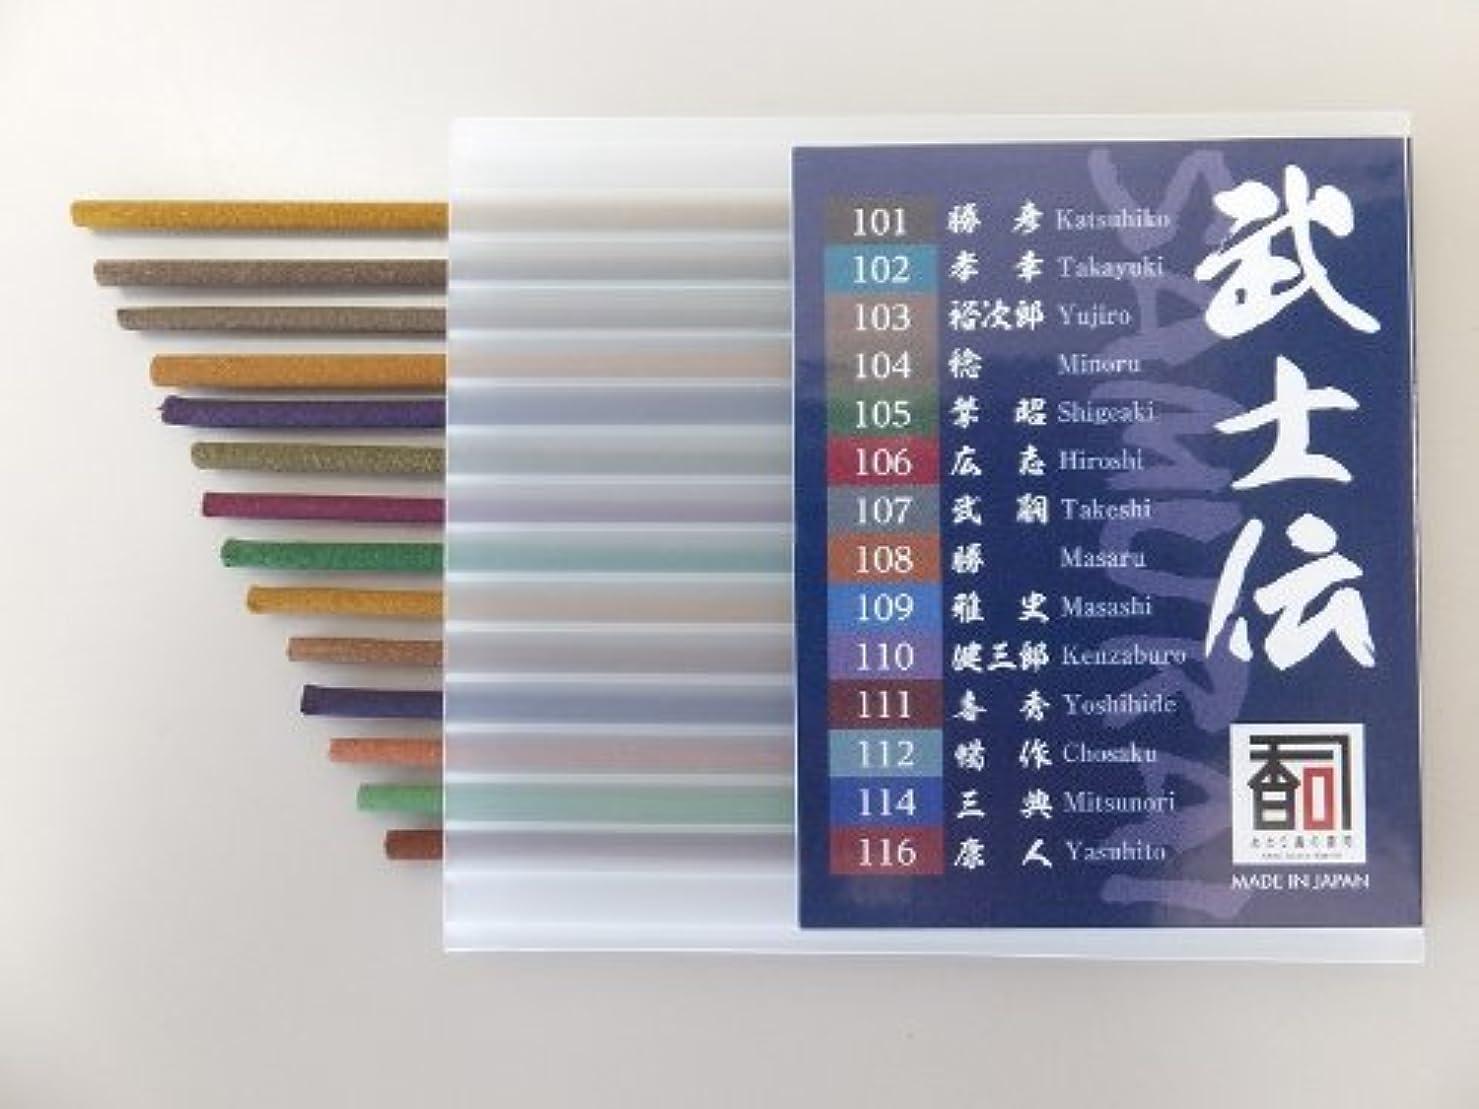 フィットネス買い手手段「あわじ島の香司」 日本の香りシリーズ 【武士伝】 14本セット ◆経済産業大臣賞◆